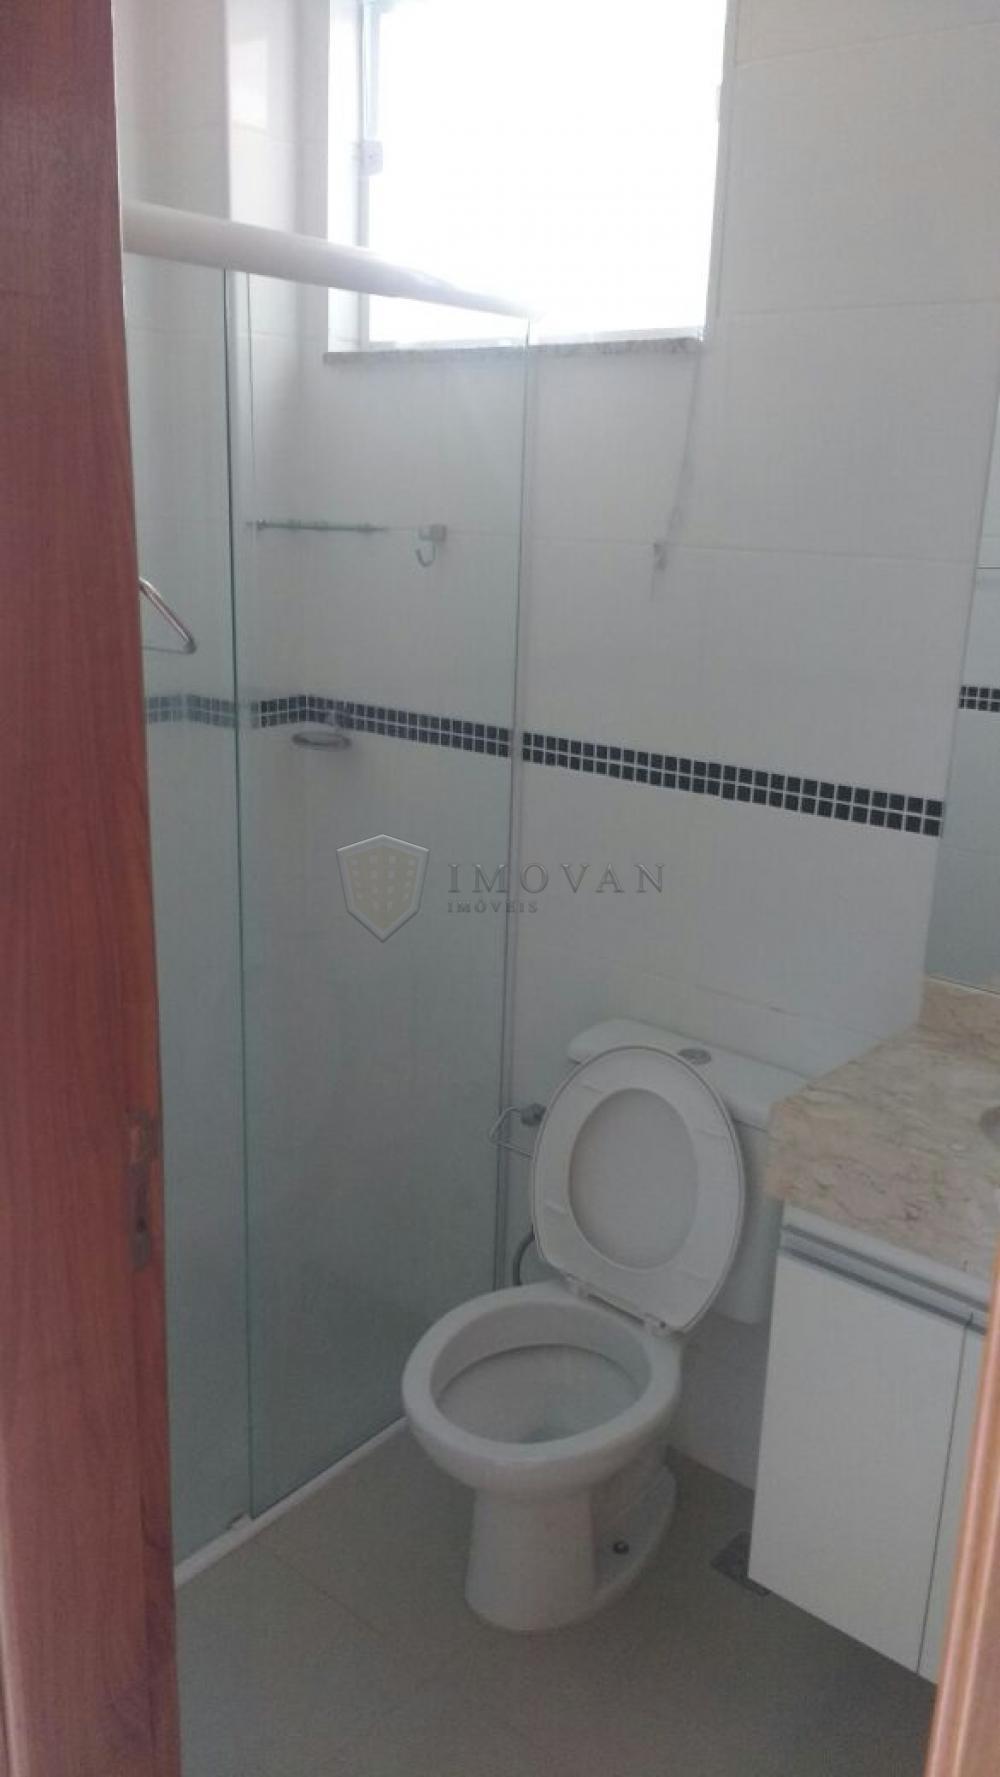 Comprar Apartamento / Padrão em Ribeirão Preto apenas R$ 365.000,00 - Foto 7